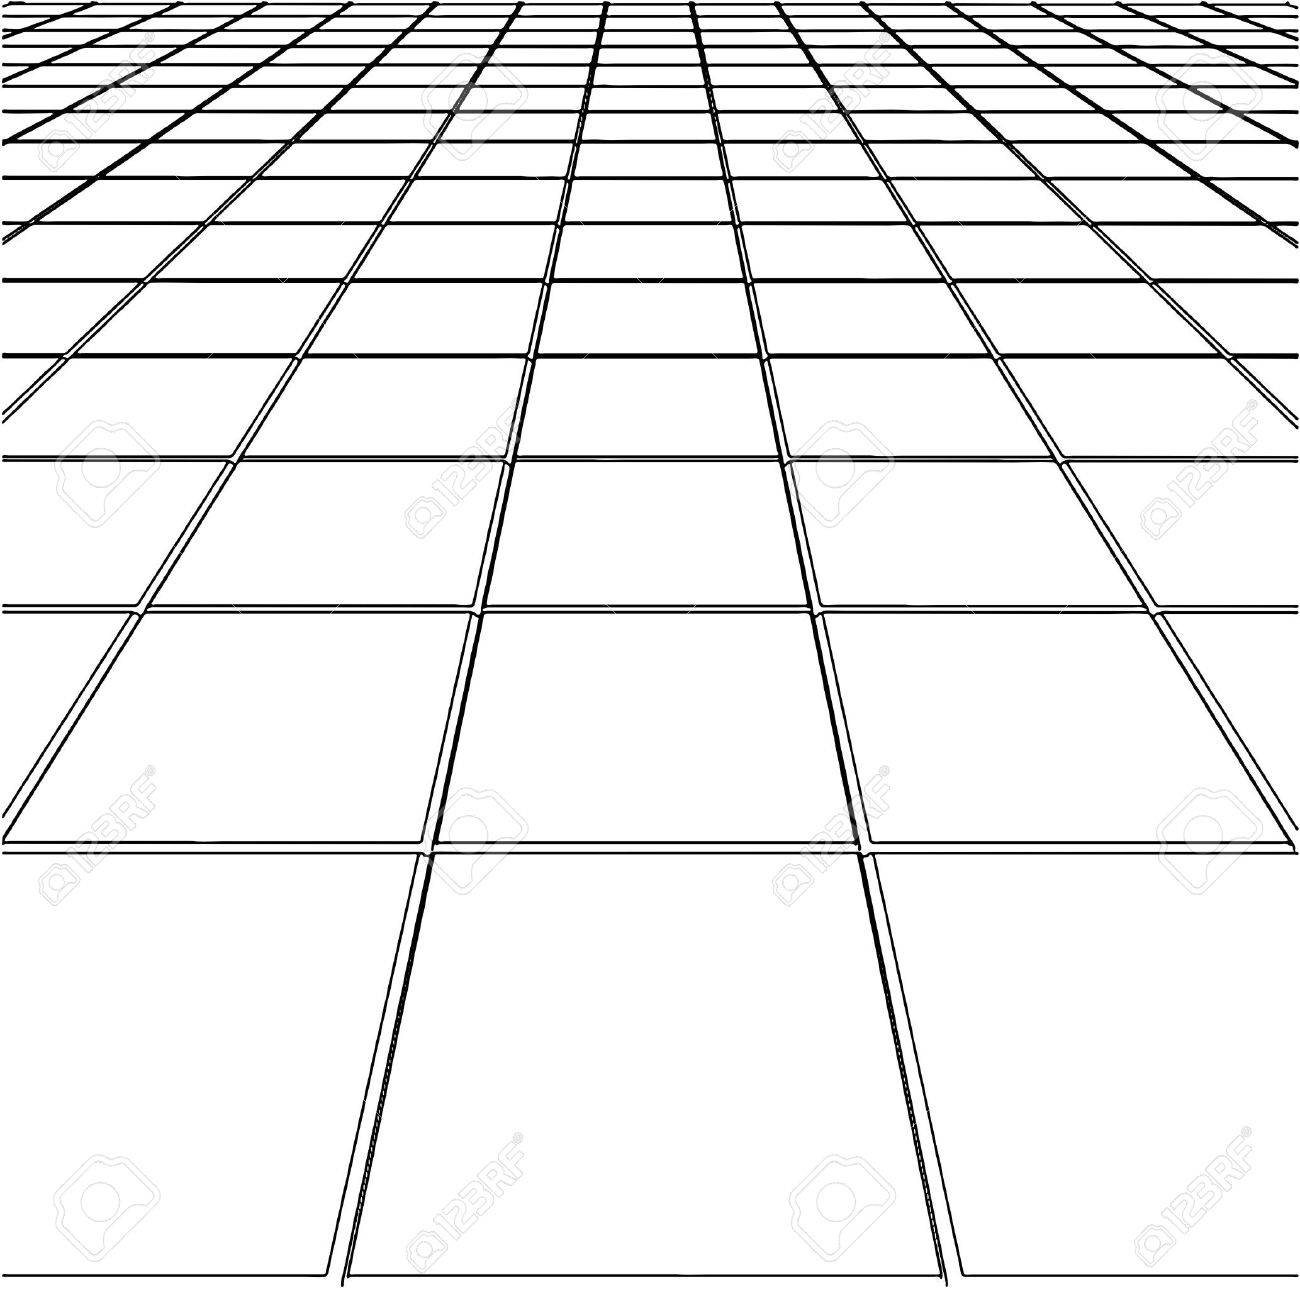 Line on floor clipart black and white jpg free stock Floor clipart black and white 6 » Clipart Station jpg free stock